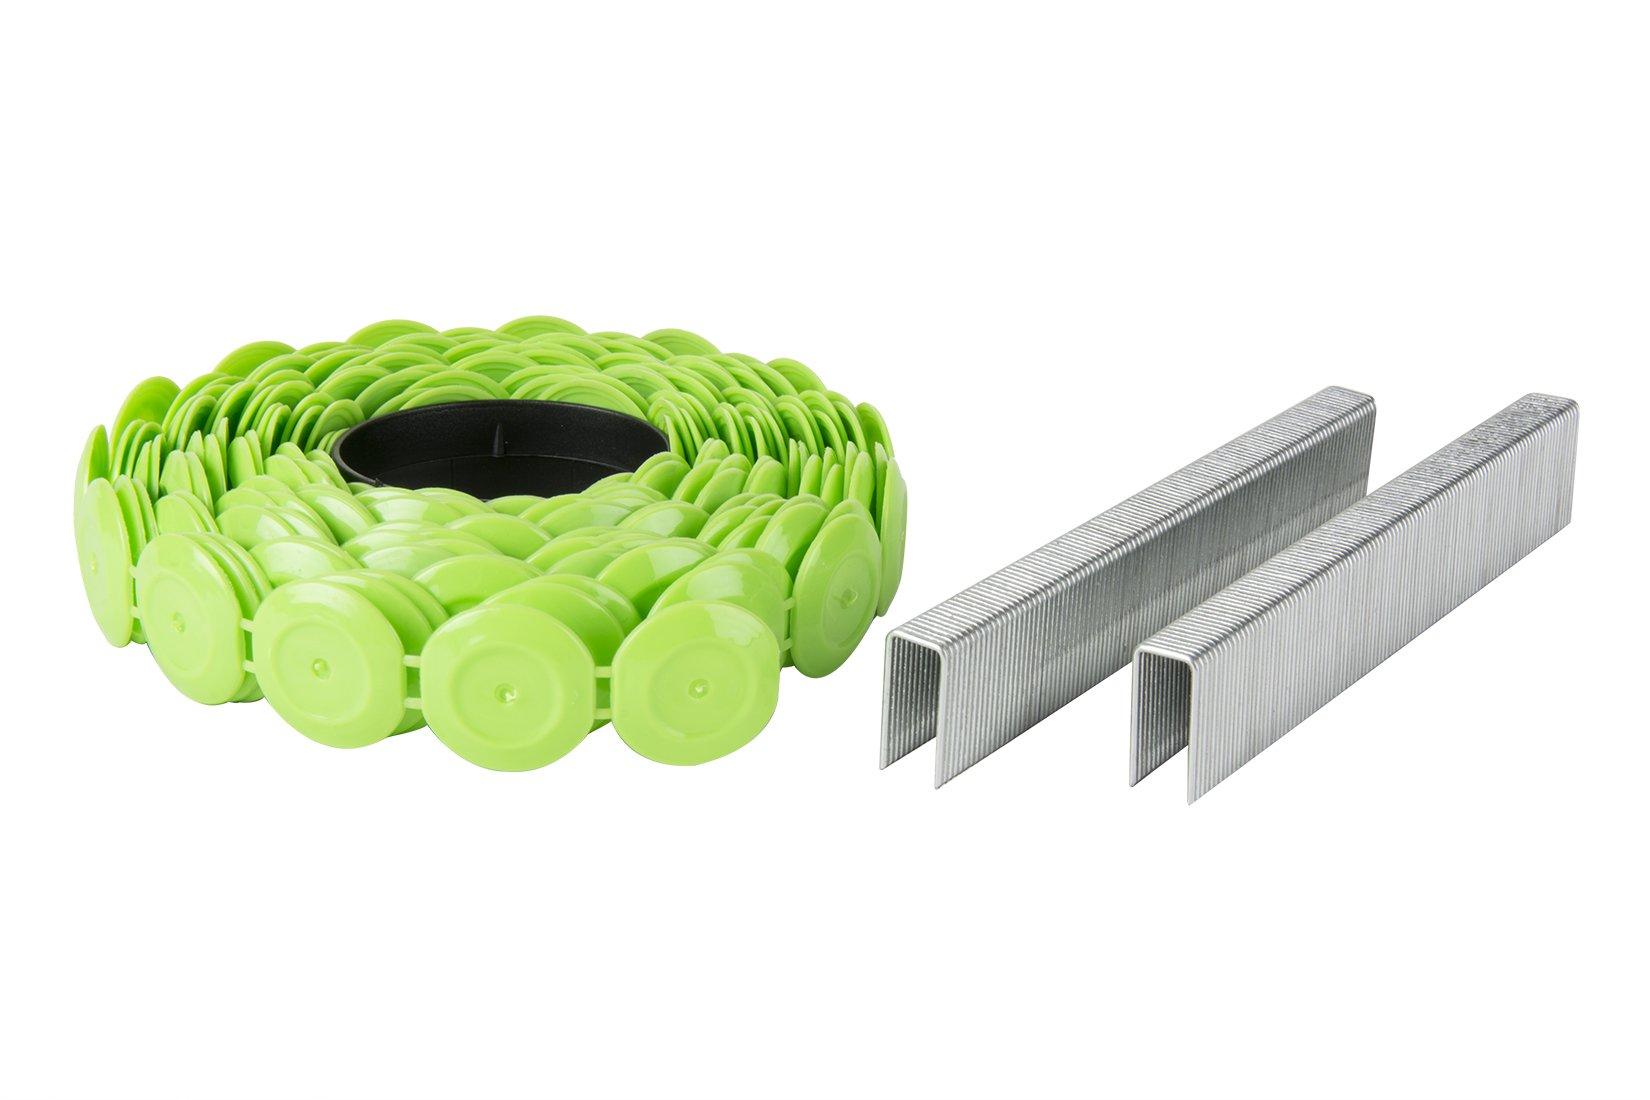 Hitachi 31105S 1-1/4'' x 18 GA EG Staple & Plastic Cap 2,000 Count